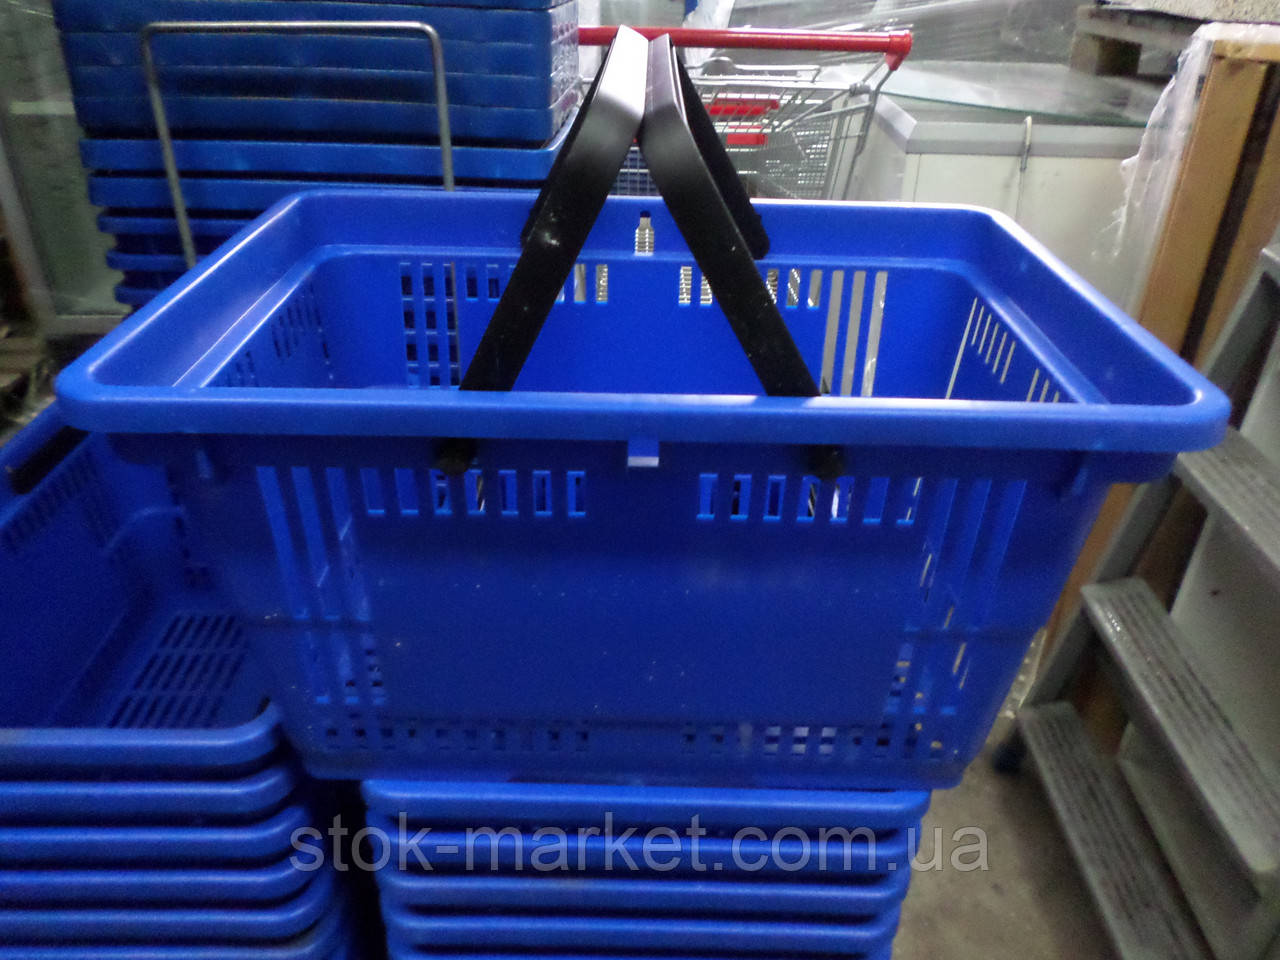 Корзина пластиковая покупательская 28 л, корзинки покупательские бу, корзинки самообслуживания 28 л. бу.